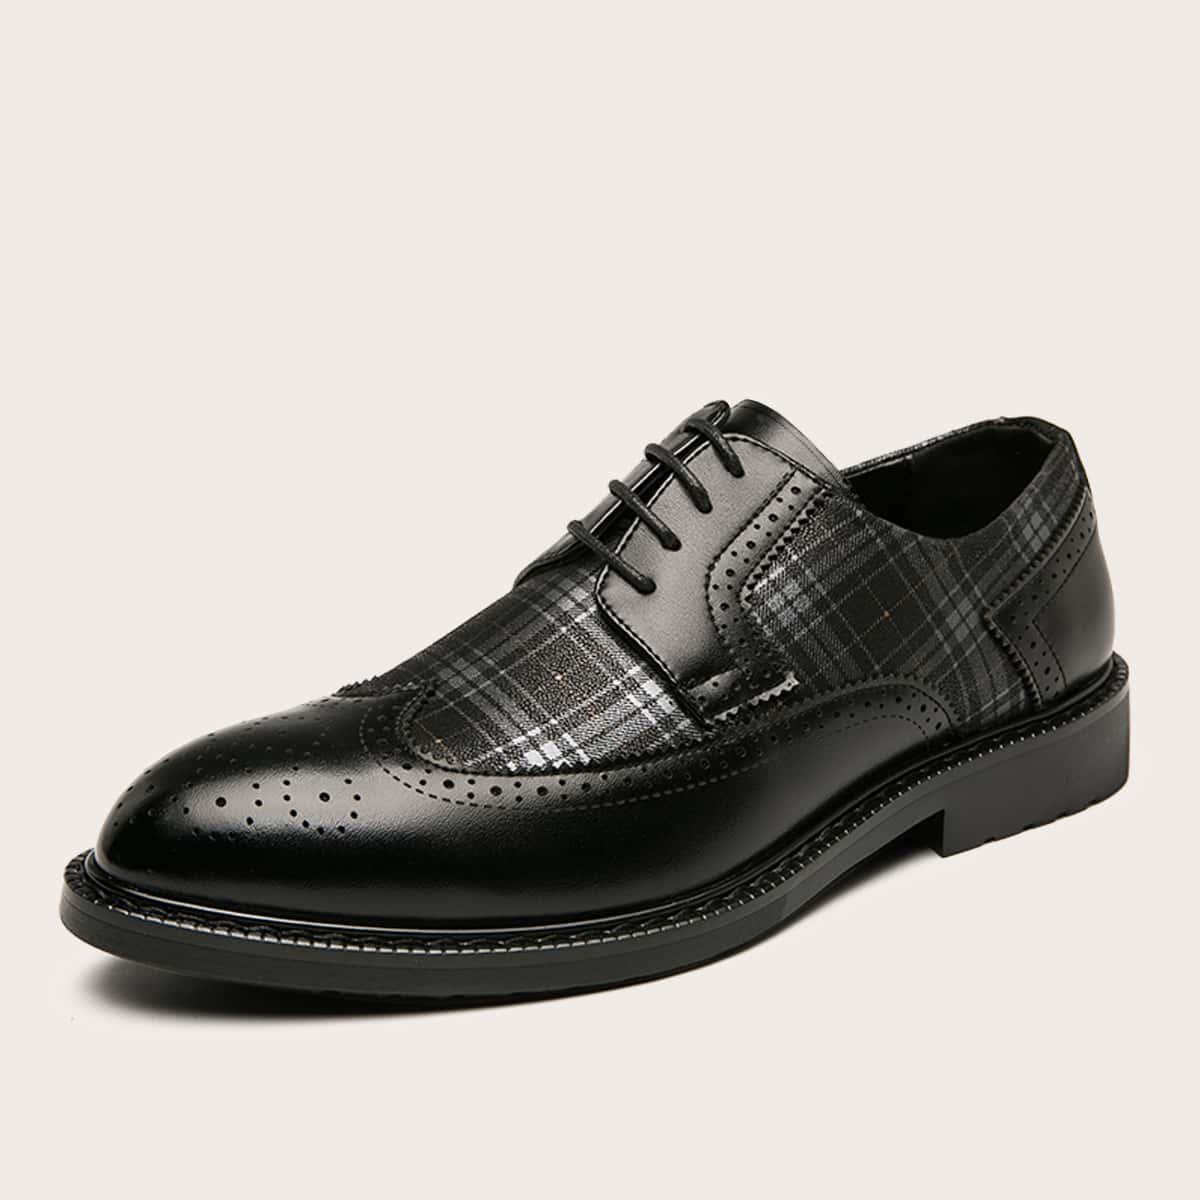 Мужские официальные туфли в клетку на шнурках